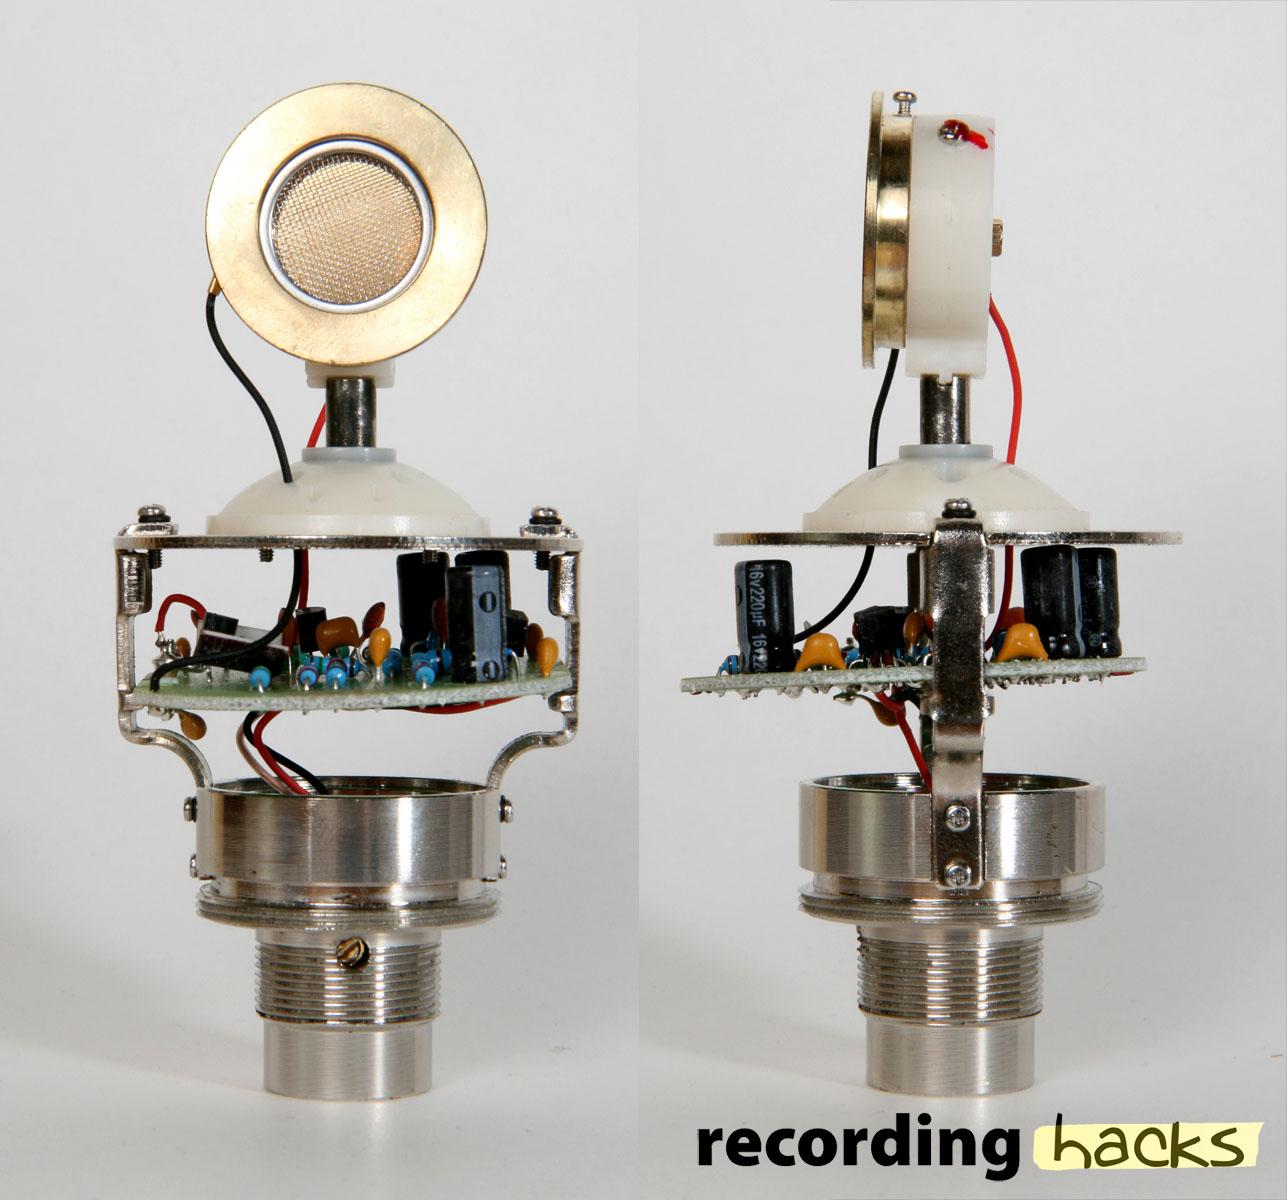 MXL 910 Voice/Instrument Condenser Microphone - Gearslutz Pro ...